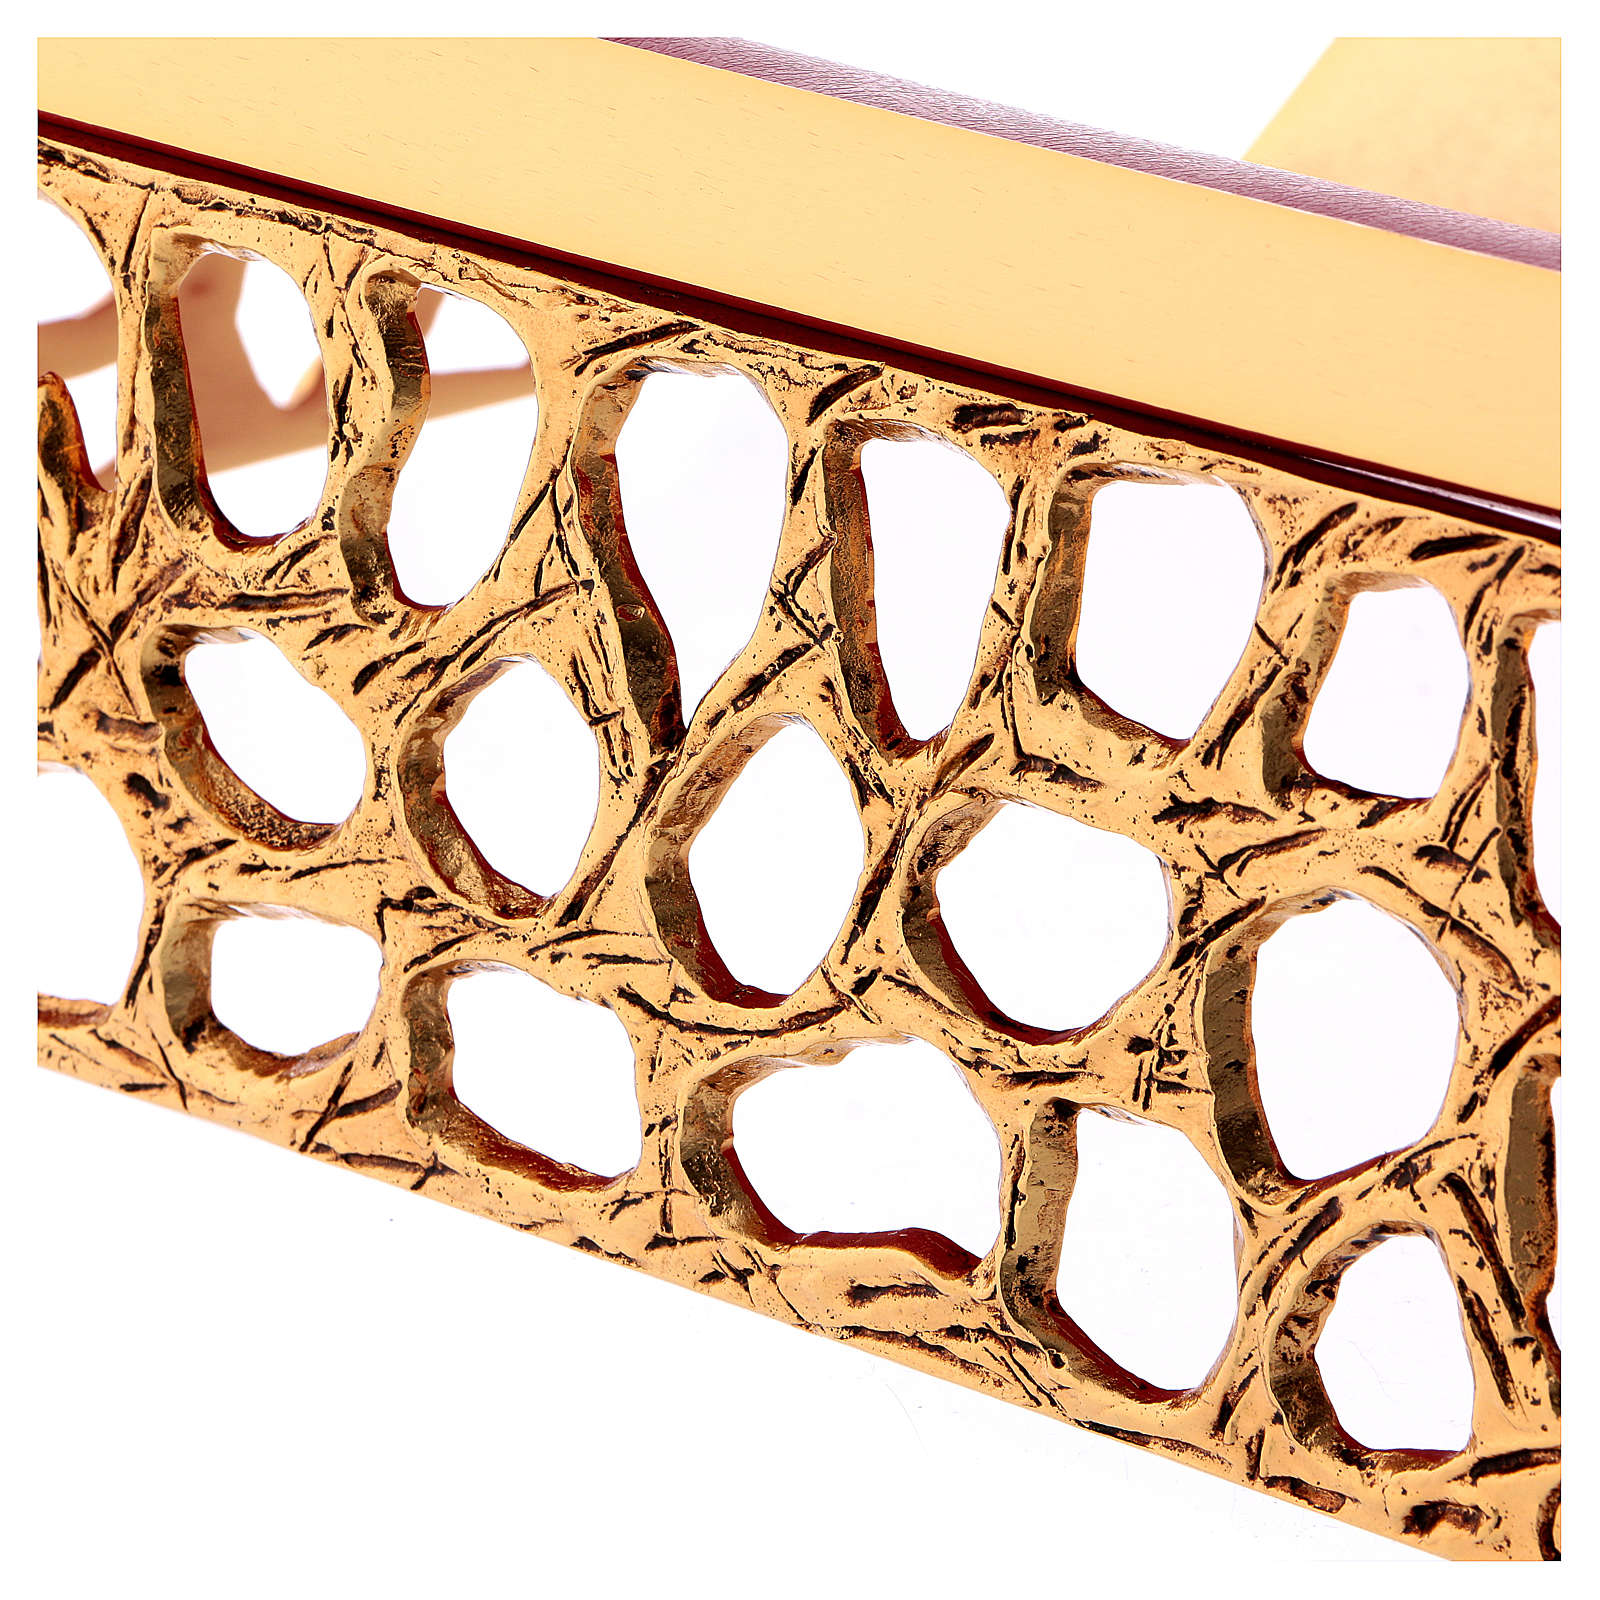 Leggio da mensa rete dorata piano finta pelle 4